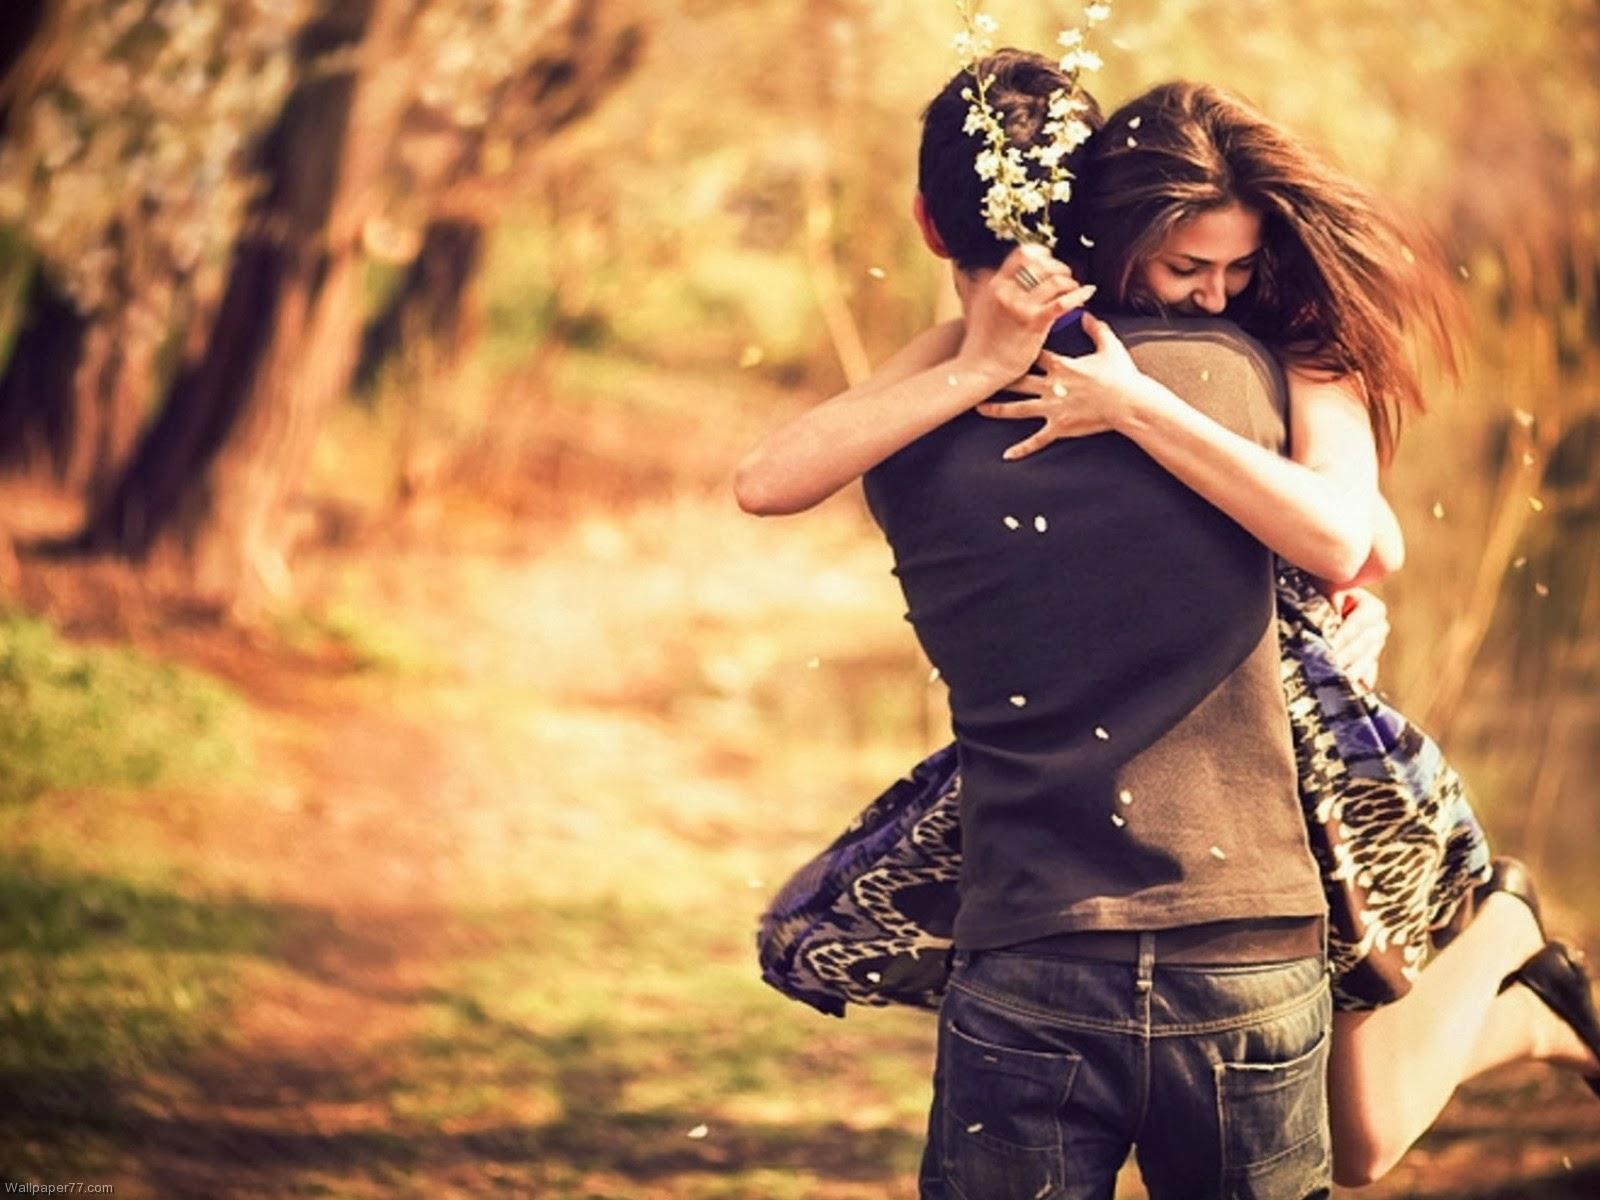 1020+ New Romantic Love Hd Wallpaper HD